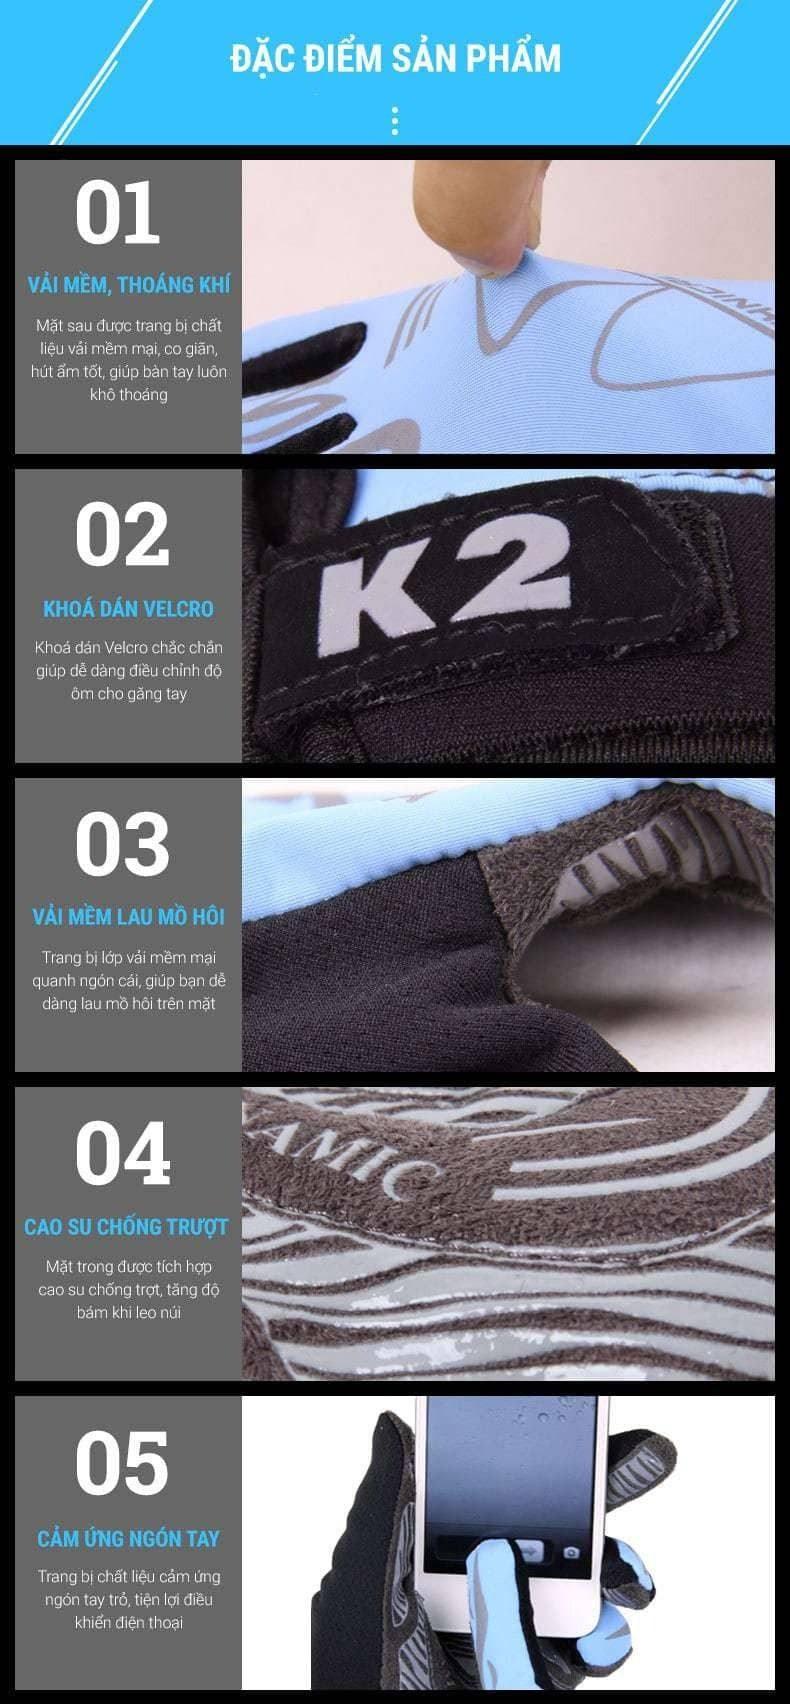 Găng tay leo núi tích hợp cảm ứng ngón tay Koraman K2